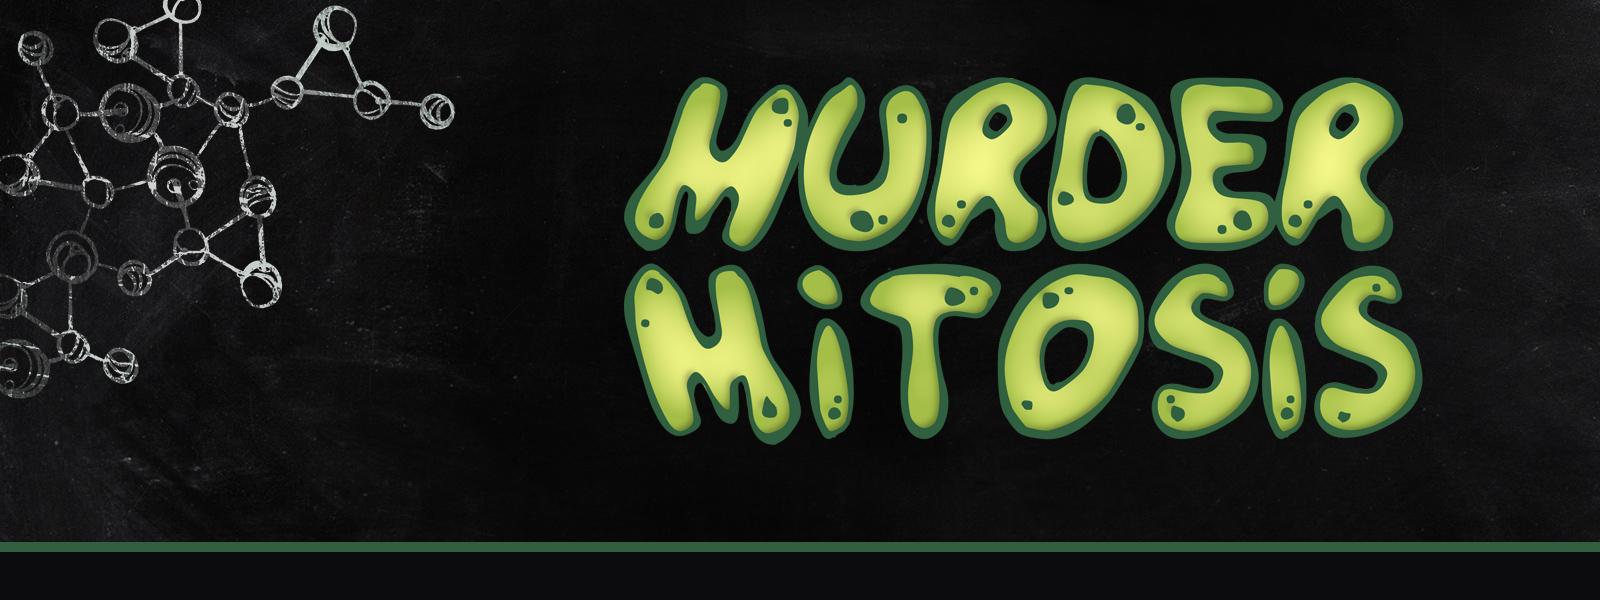 Murder Mitosis